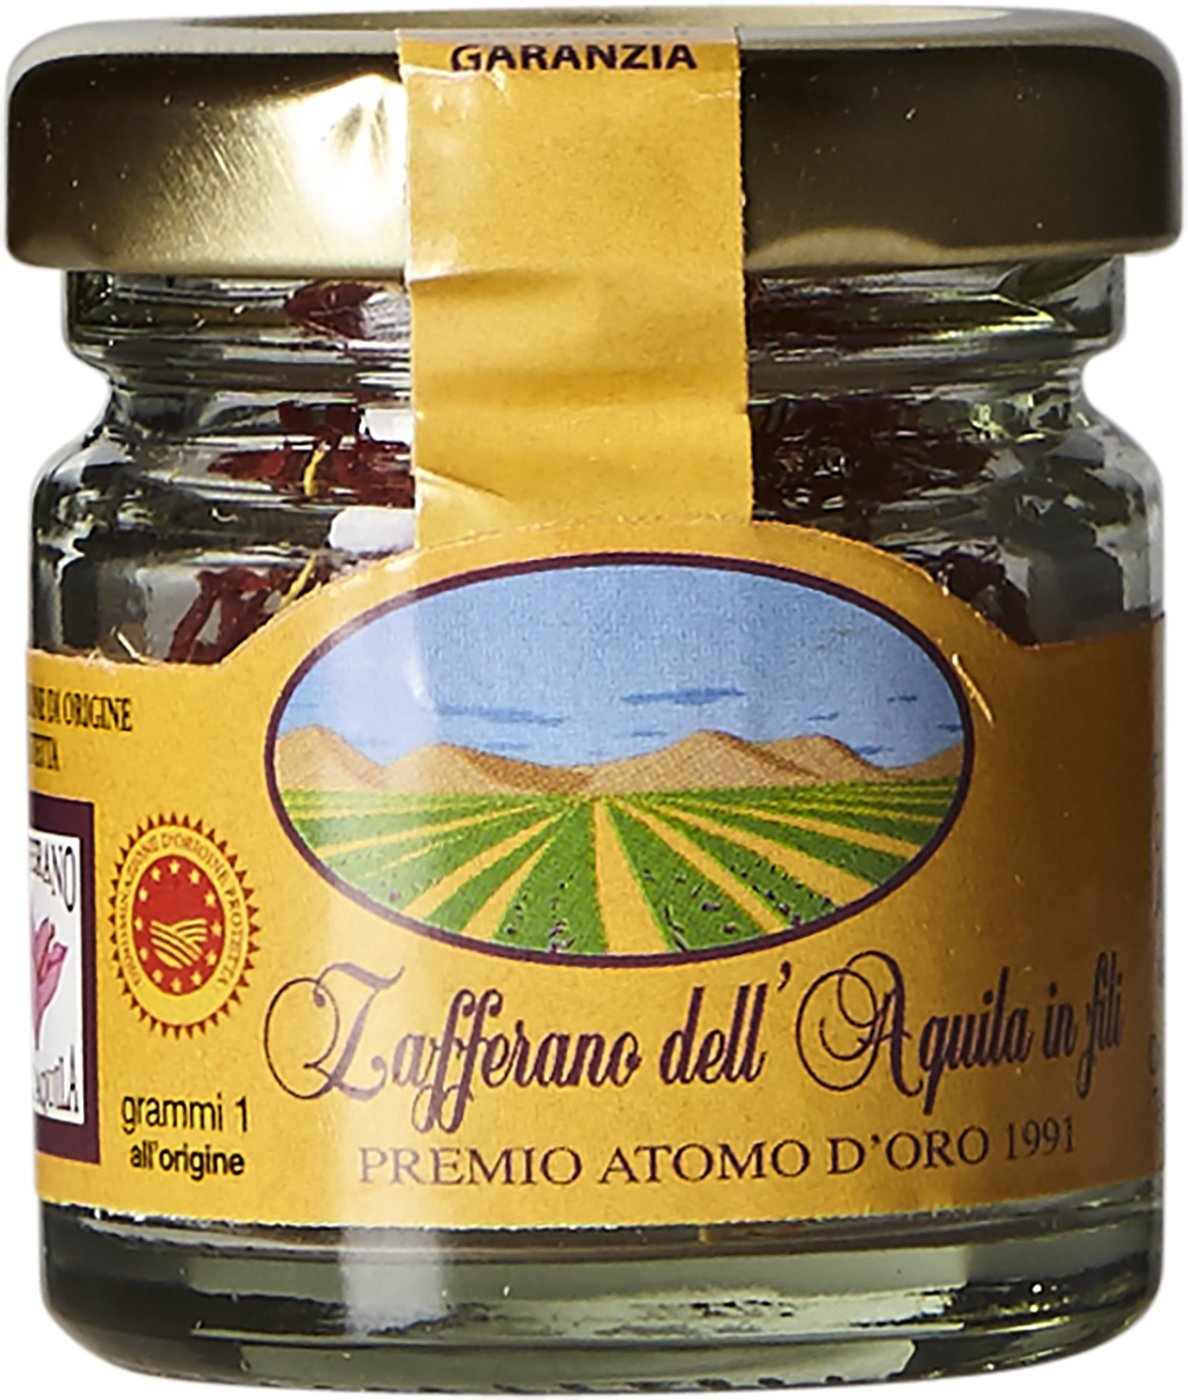 Saffron Threads DOP L'Aquila – g latest Abruzzo 1 Max 90% OFF Italy -